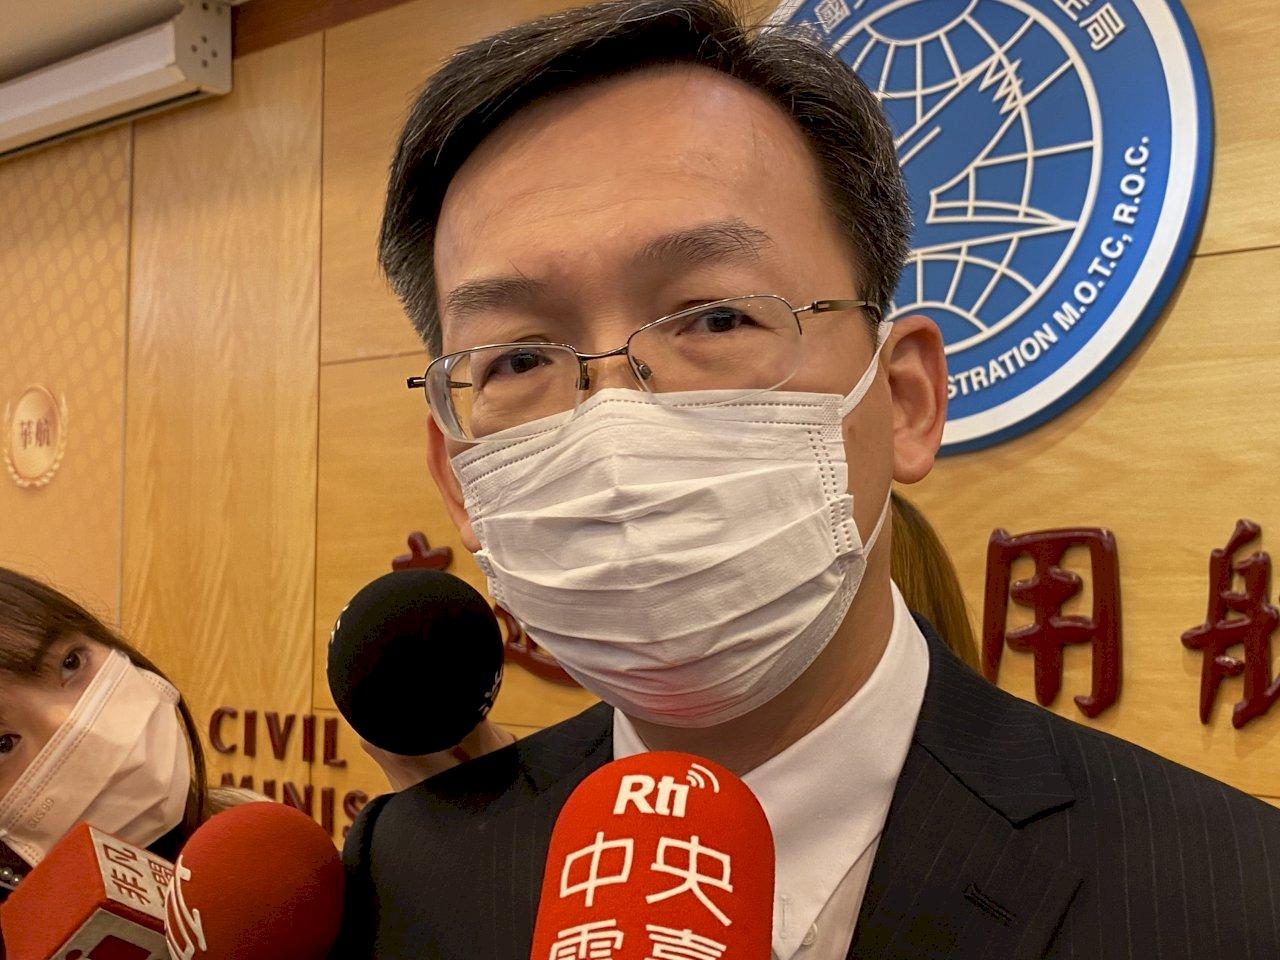 接種COVID-19公費疫苗 林國顯:航空機場人員逾6成有意願